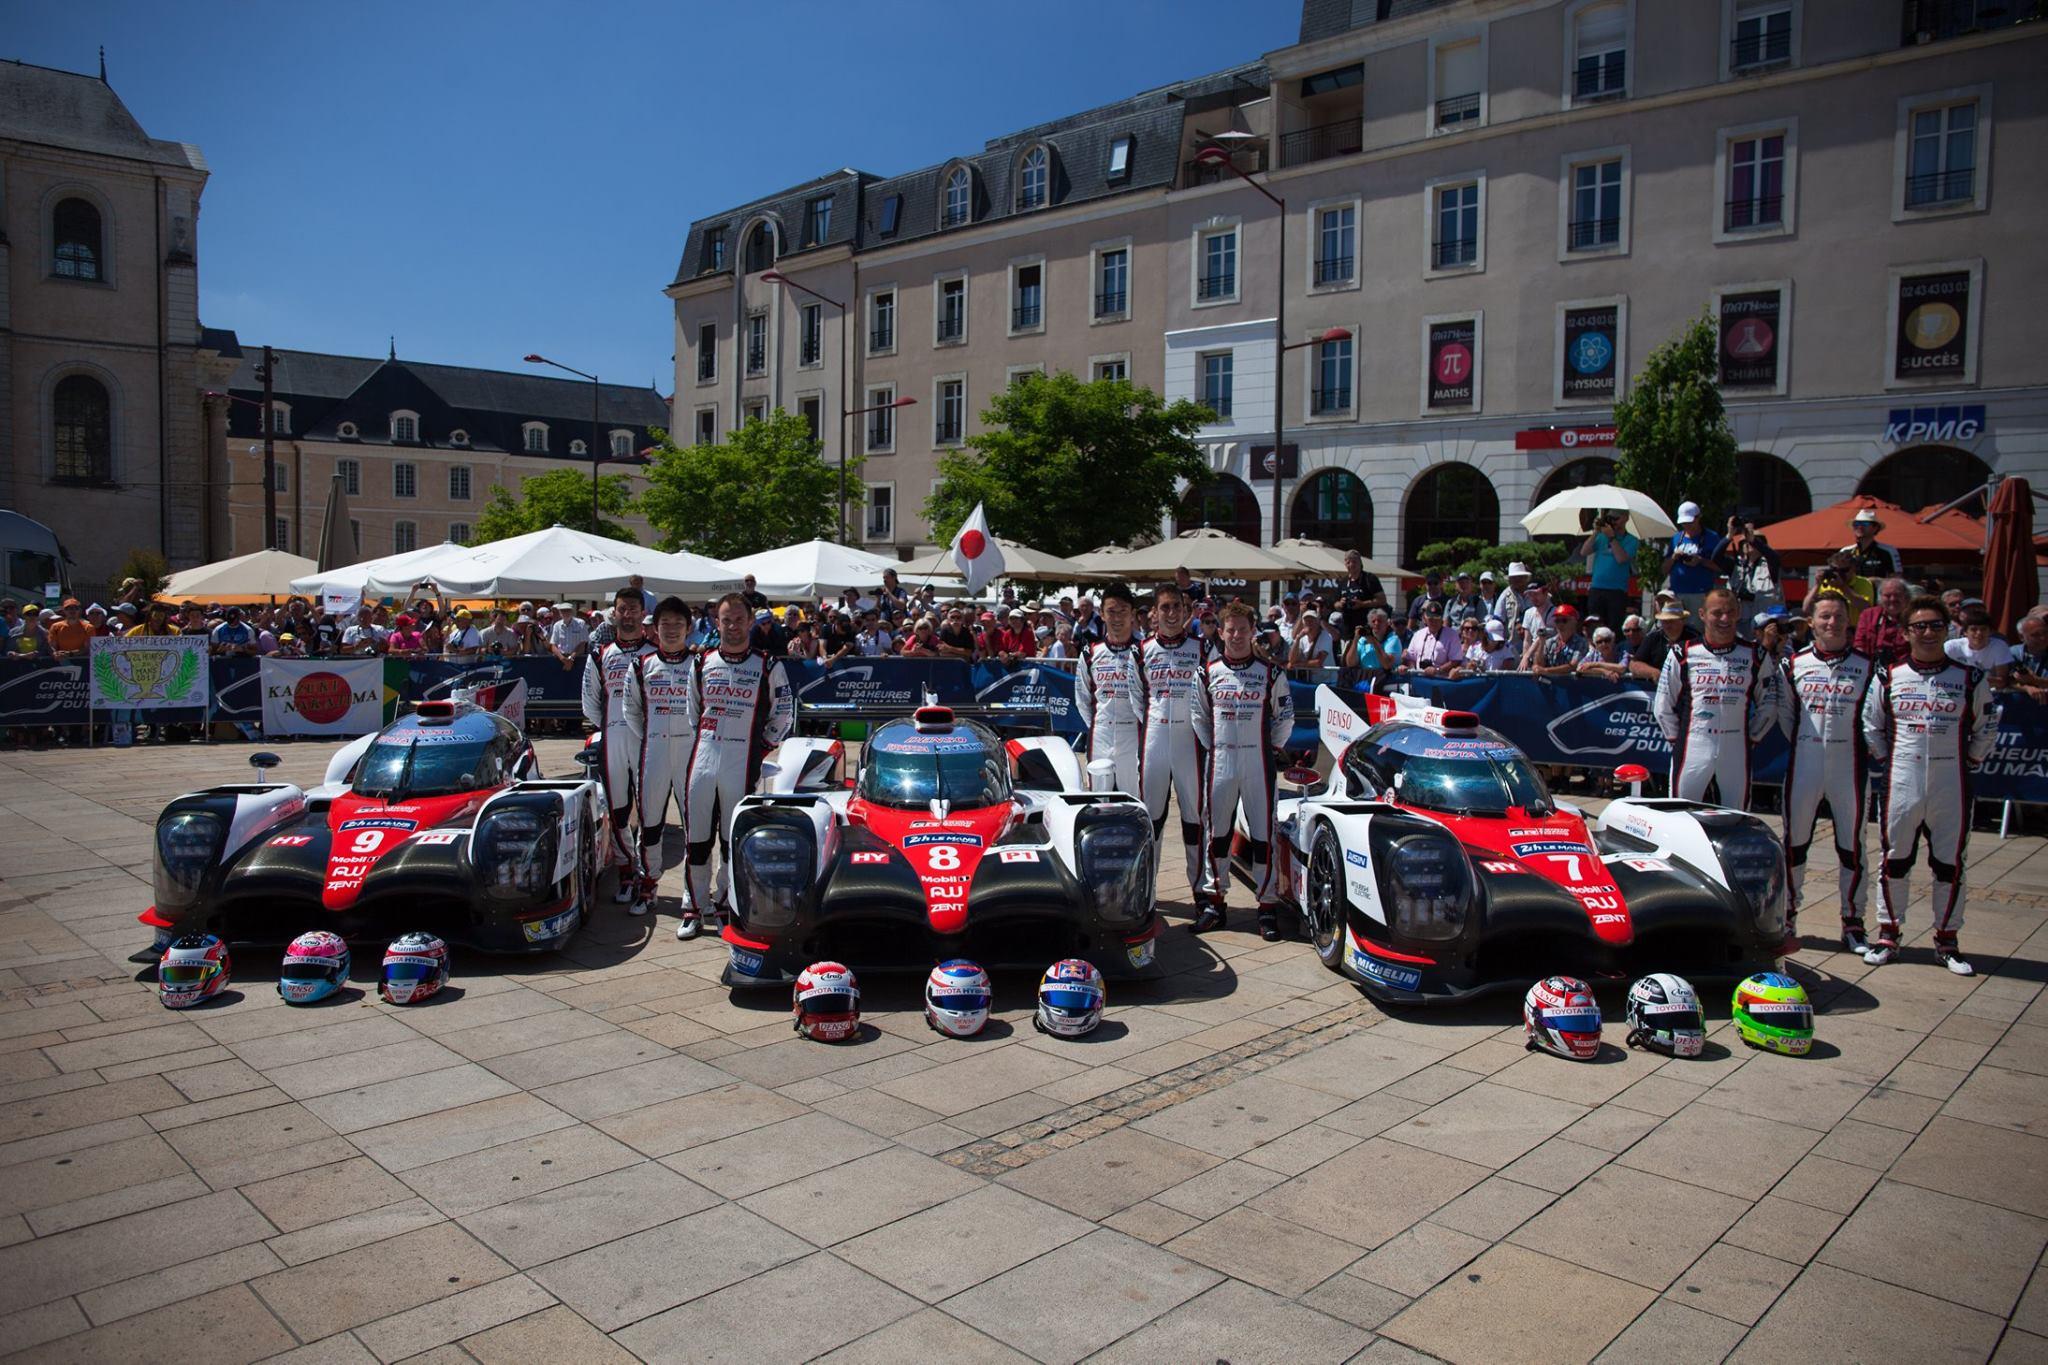 Ники Тиим напомог Aston Martin Racing за рулем автомобиля №95 опередил Сэма Берда на Ferrari 488 GTE №71 и Ferrari 488 GTE Джейма Каладо. Ford пришел пятым - автомобиль №67 Энди Приолькса.